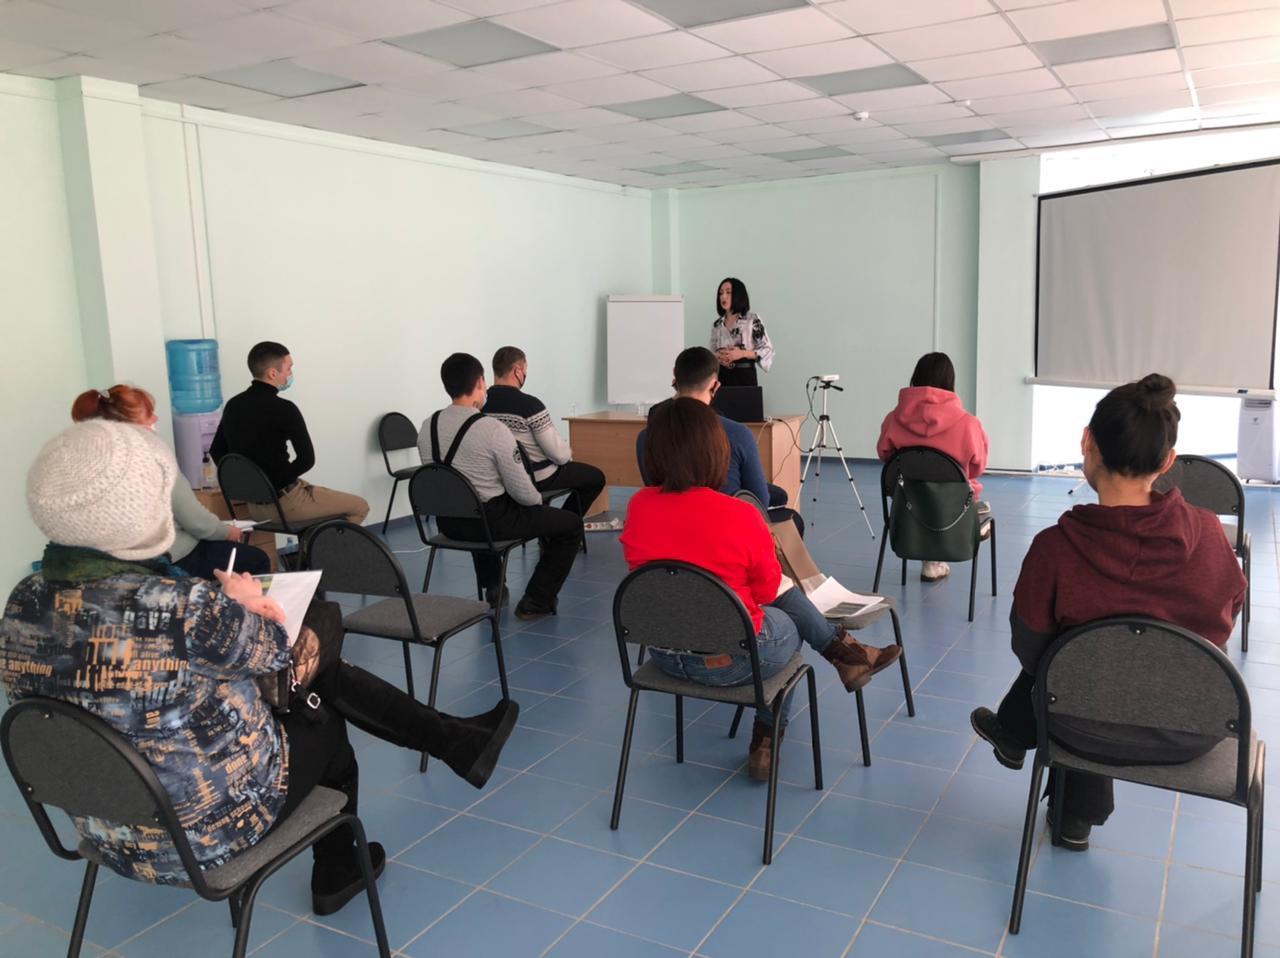 Работа бизнес-инкубатора Ленского района в этом году началась с обучения новичков